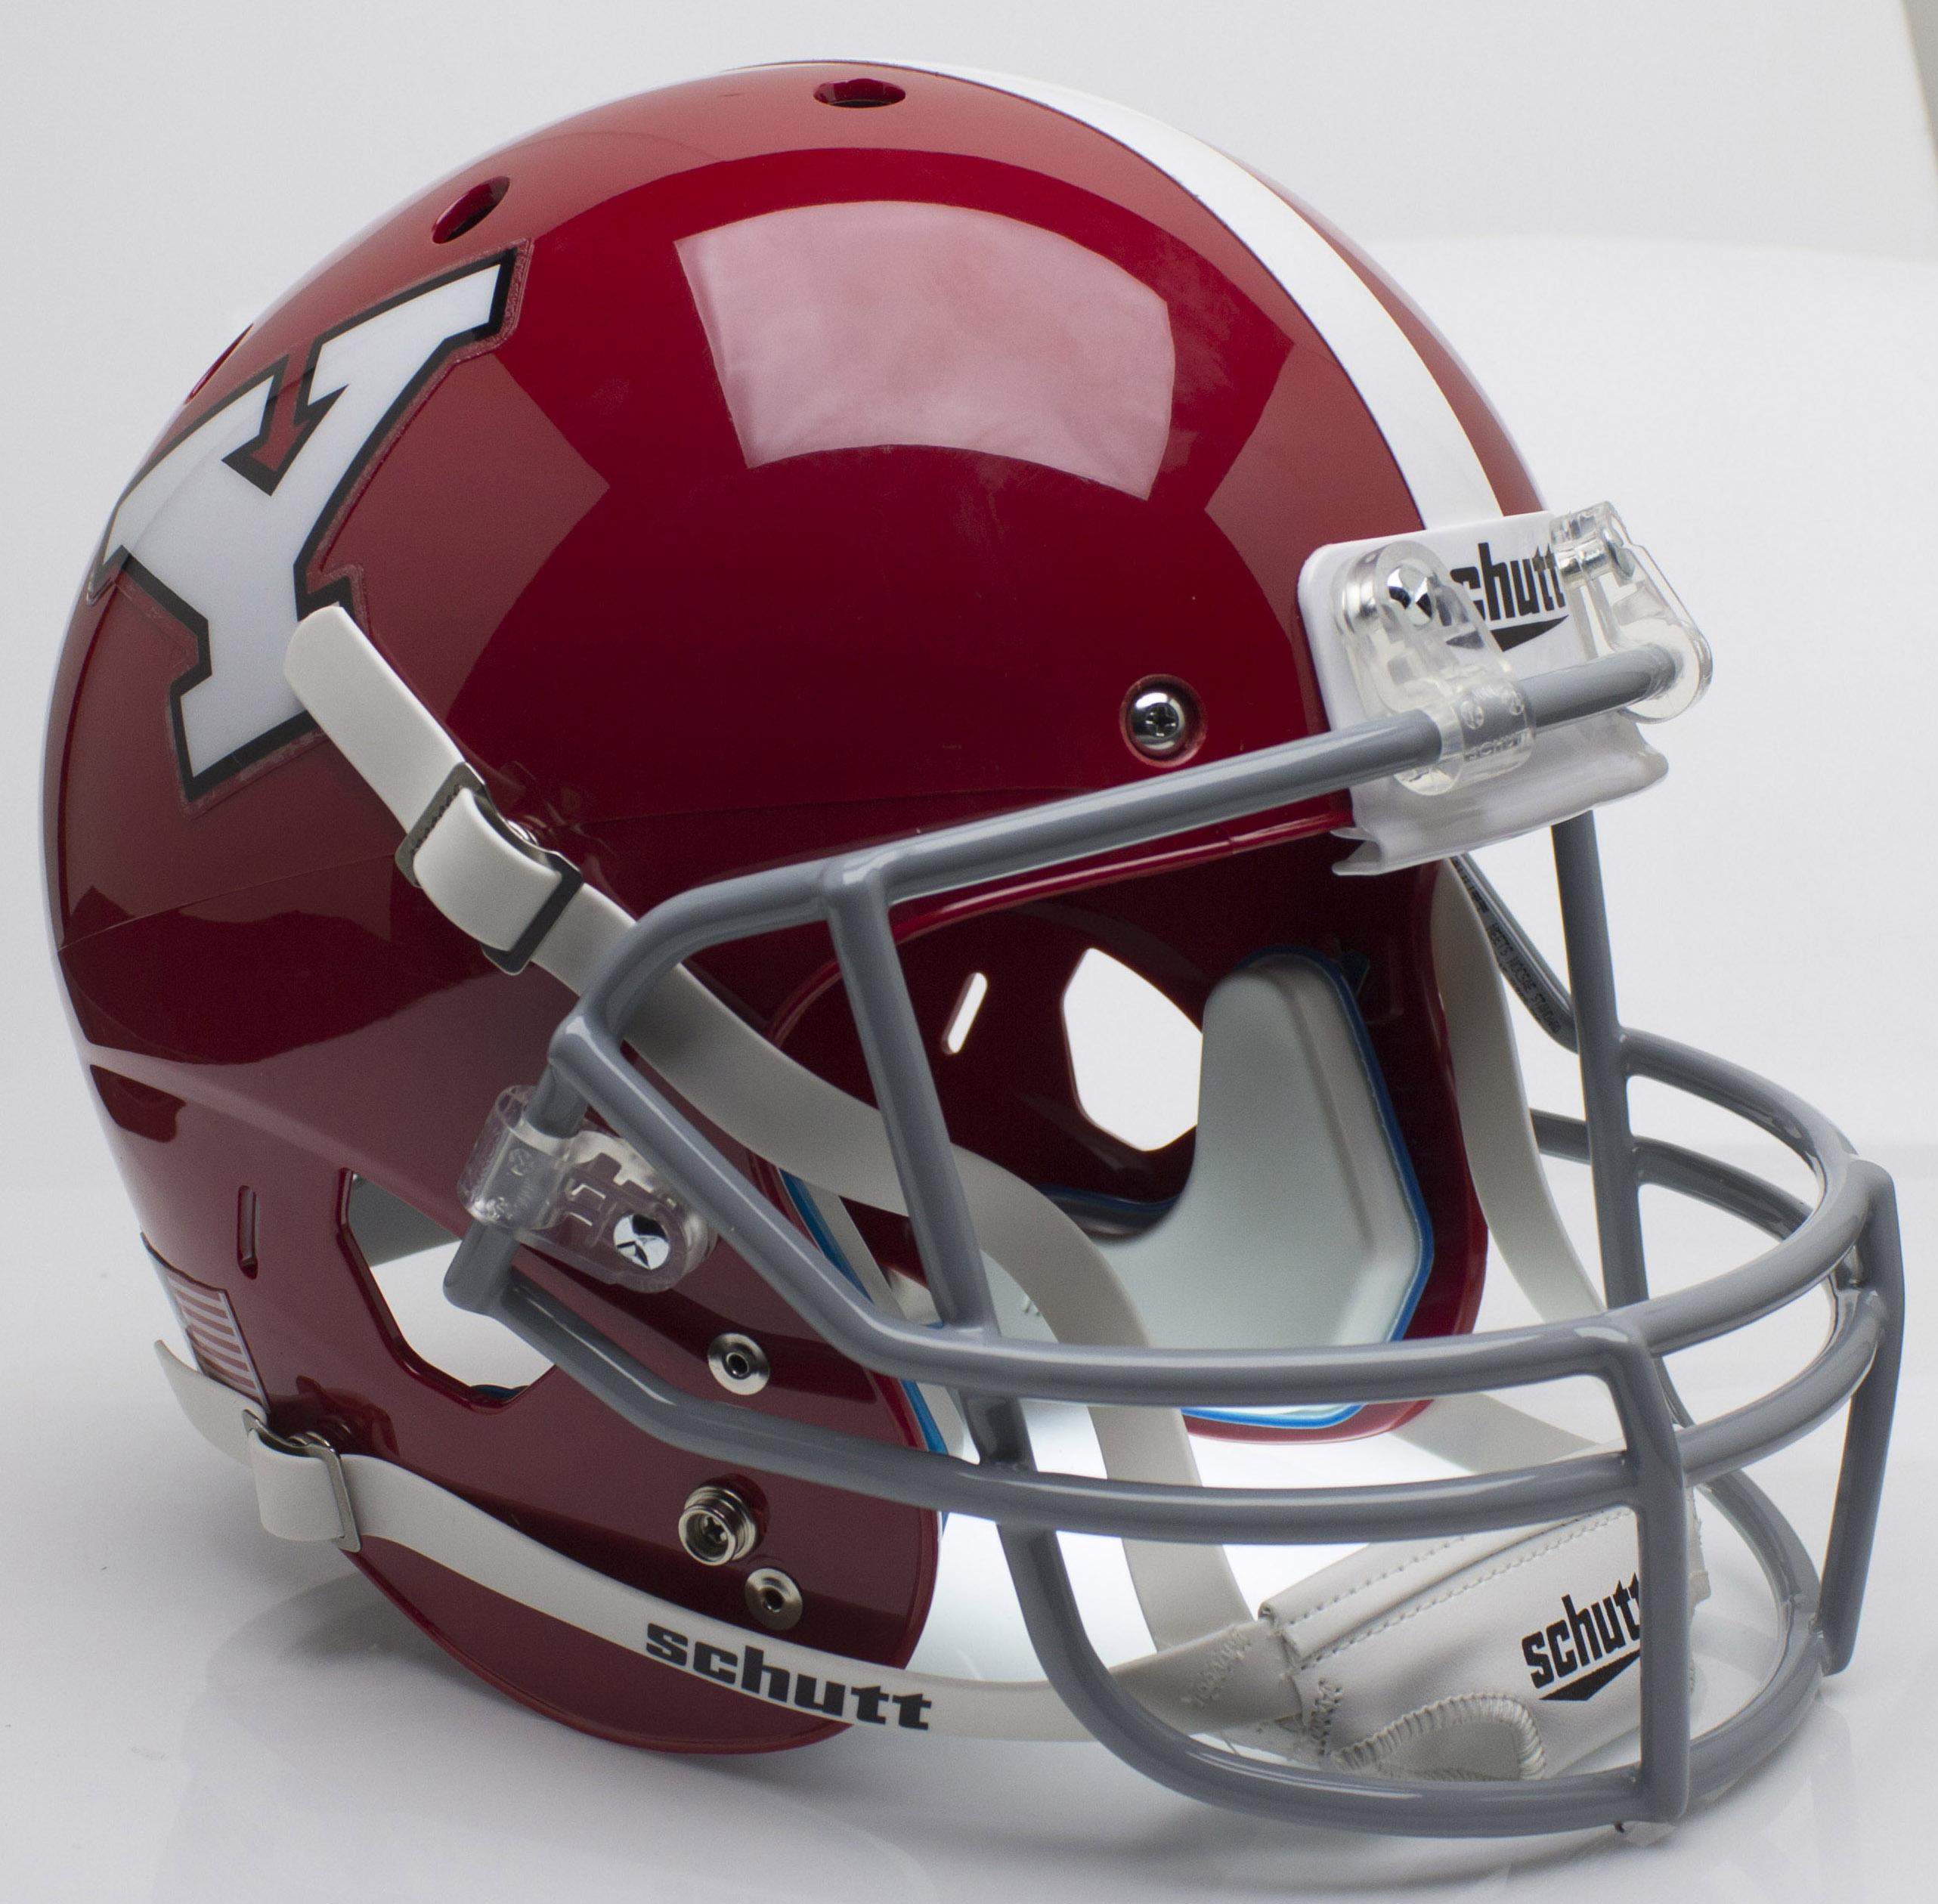 Youngstown State Penguins Full XP Replica Football Helmet Schutt